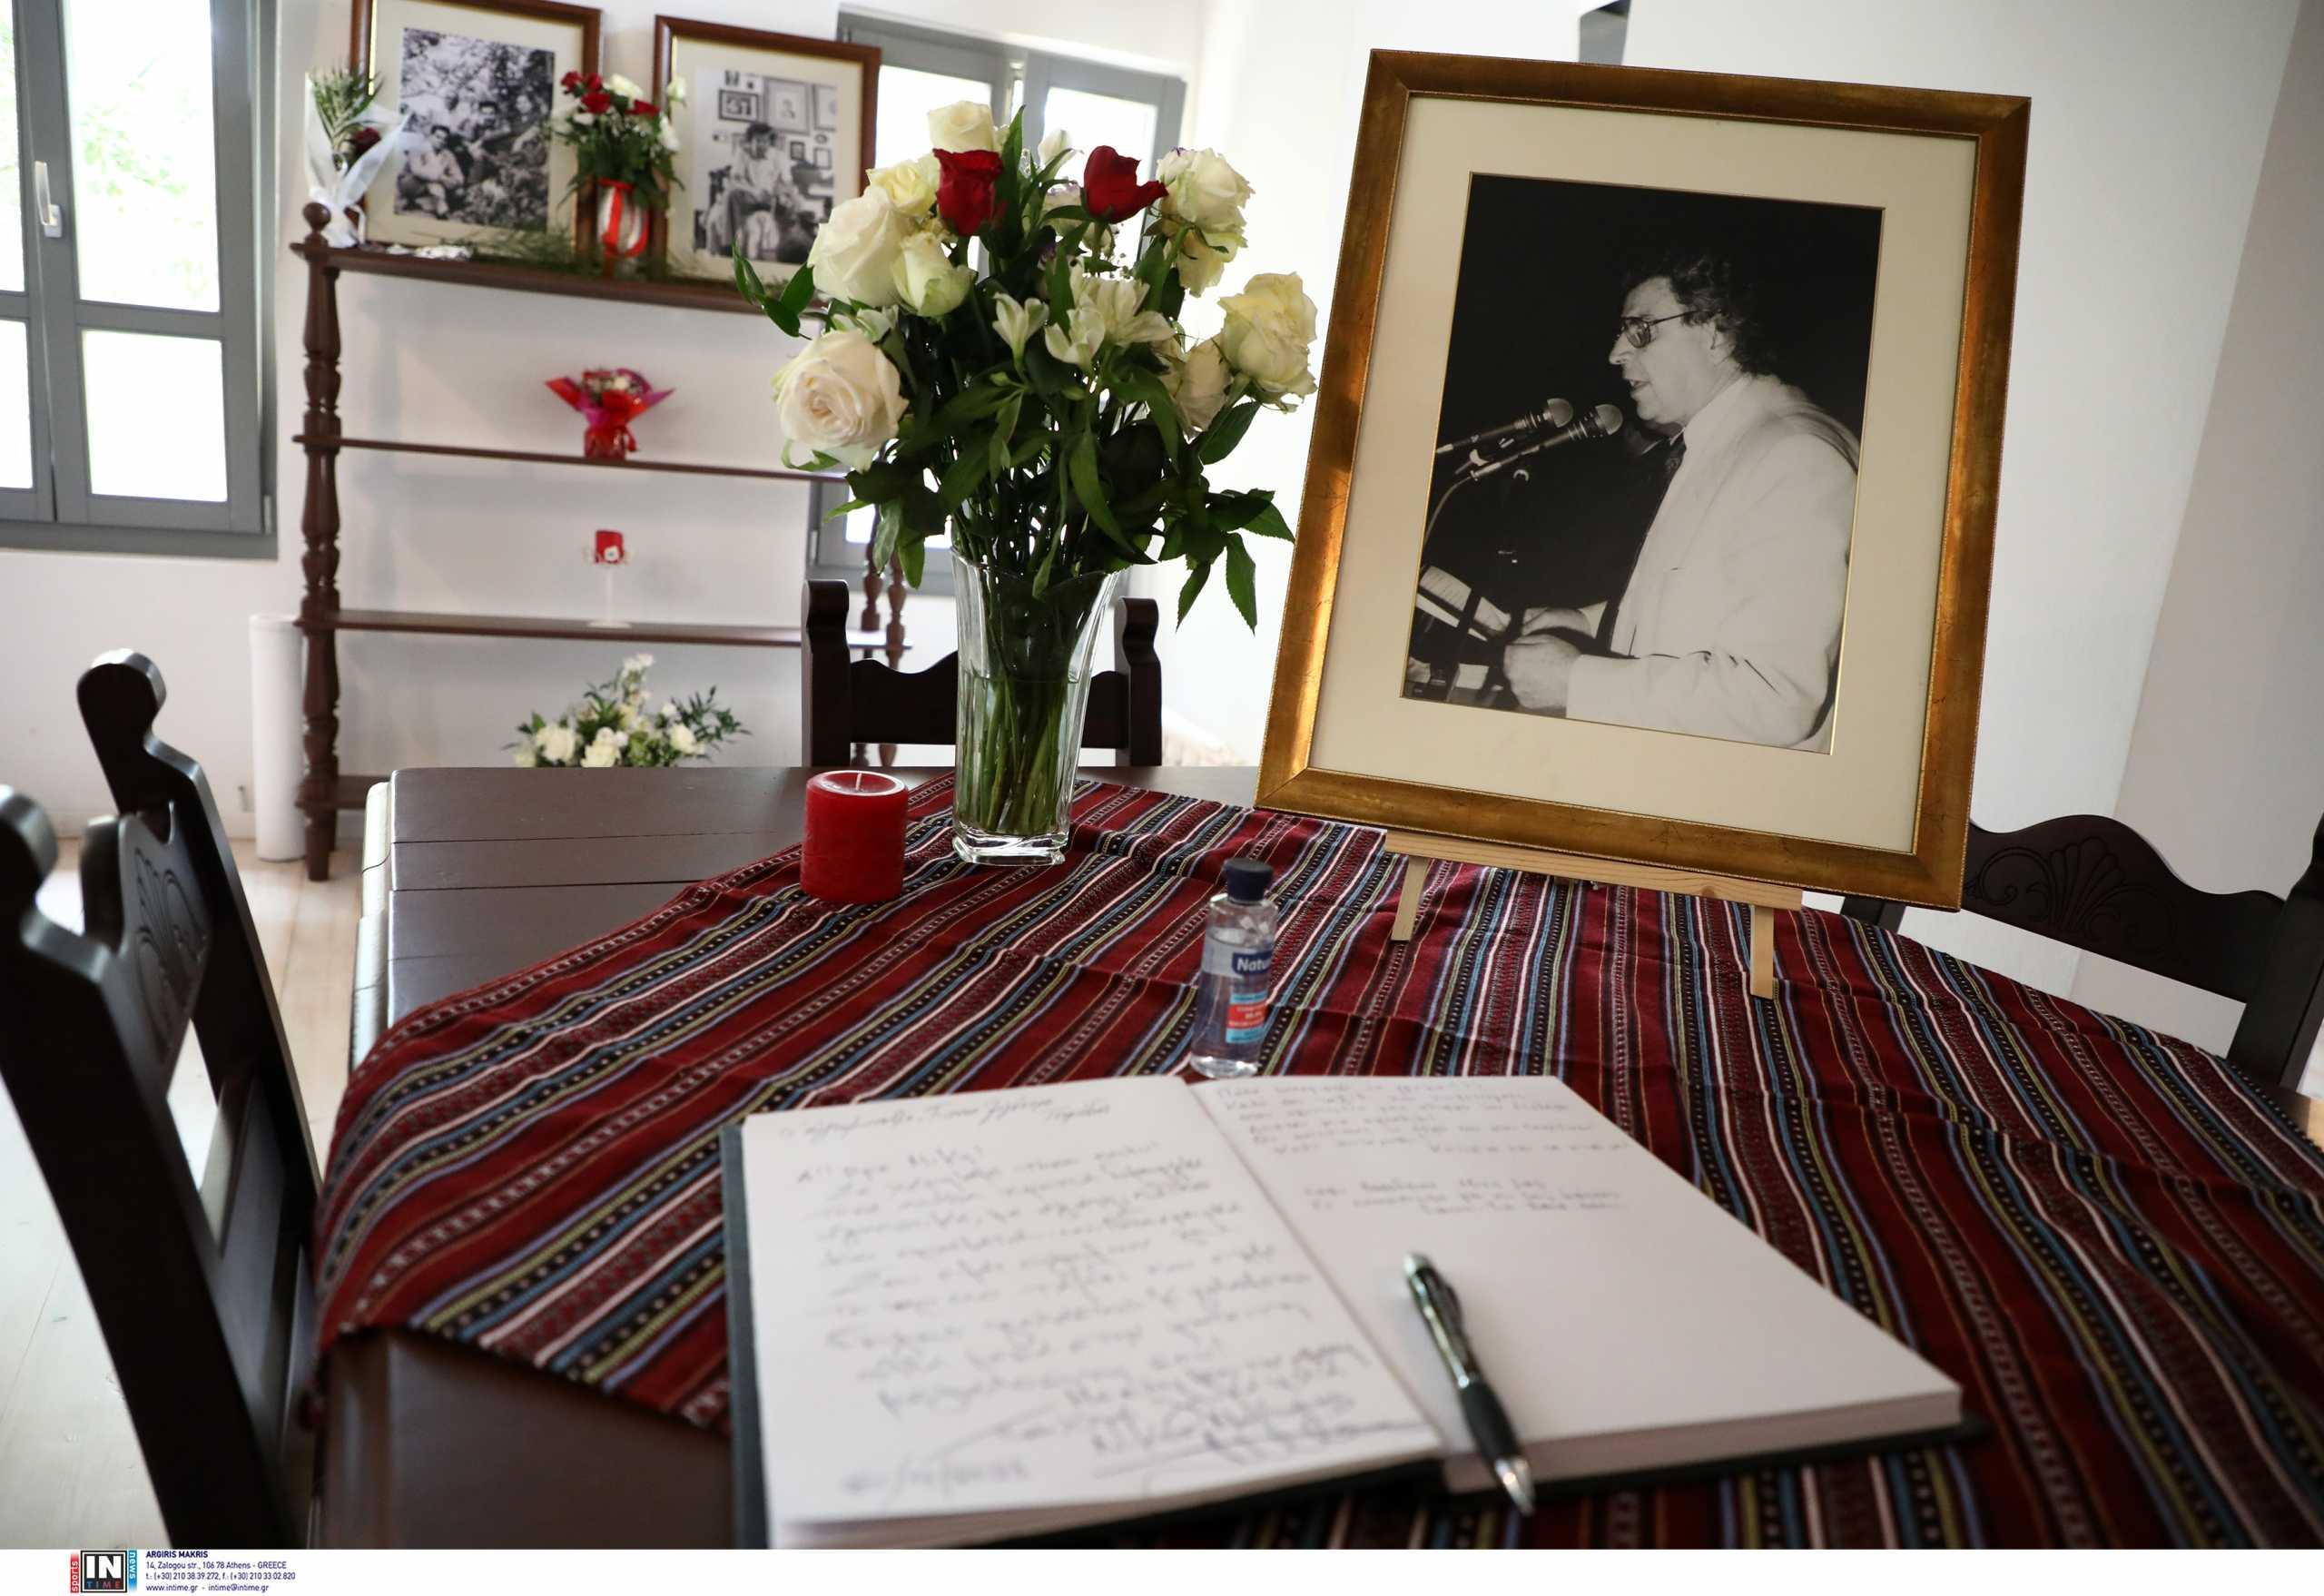 Μίκης Θεοδωράκης: Μέσα στο πατρικό του μεγάλου μας συνθέτη – Δείτε φωτογραφίες